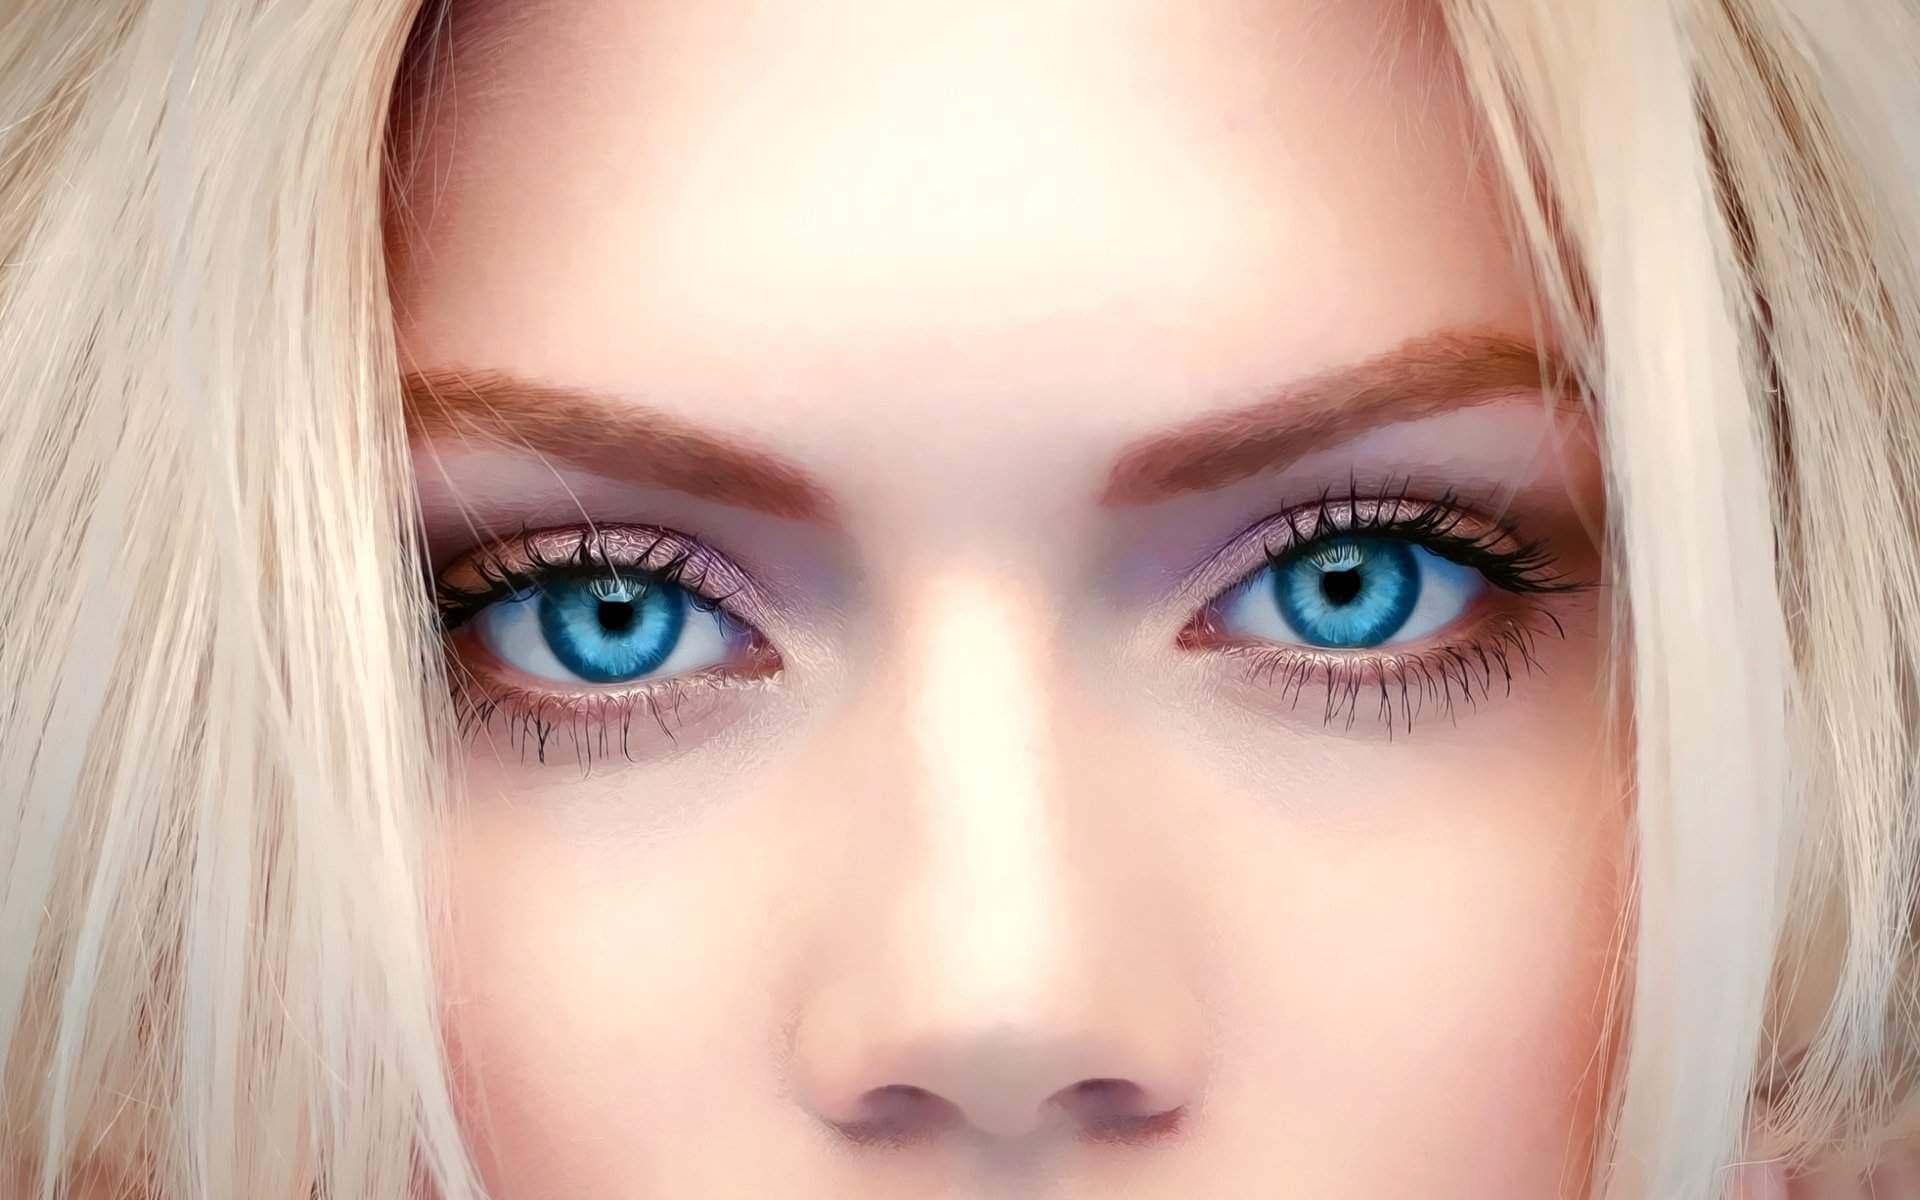 Блондинка с красивыми голубыми глазами.